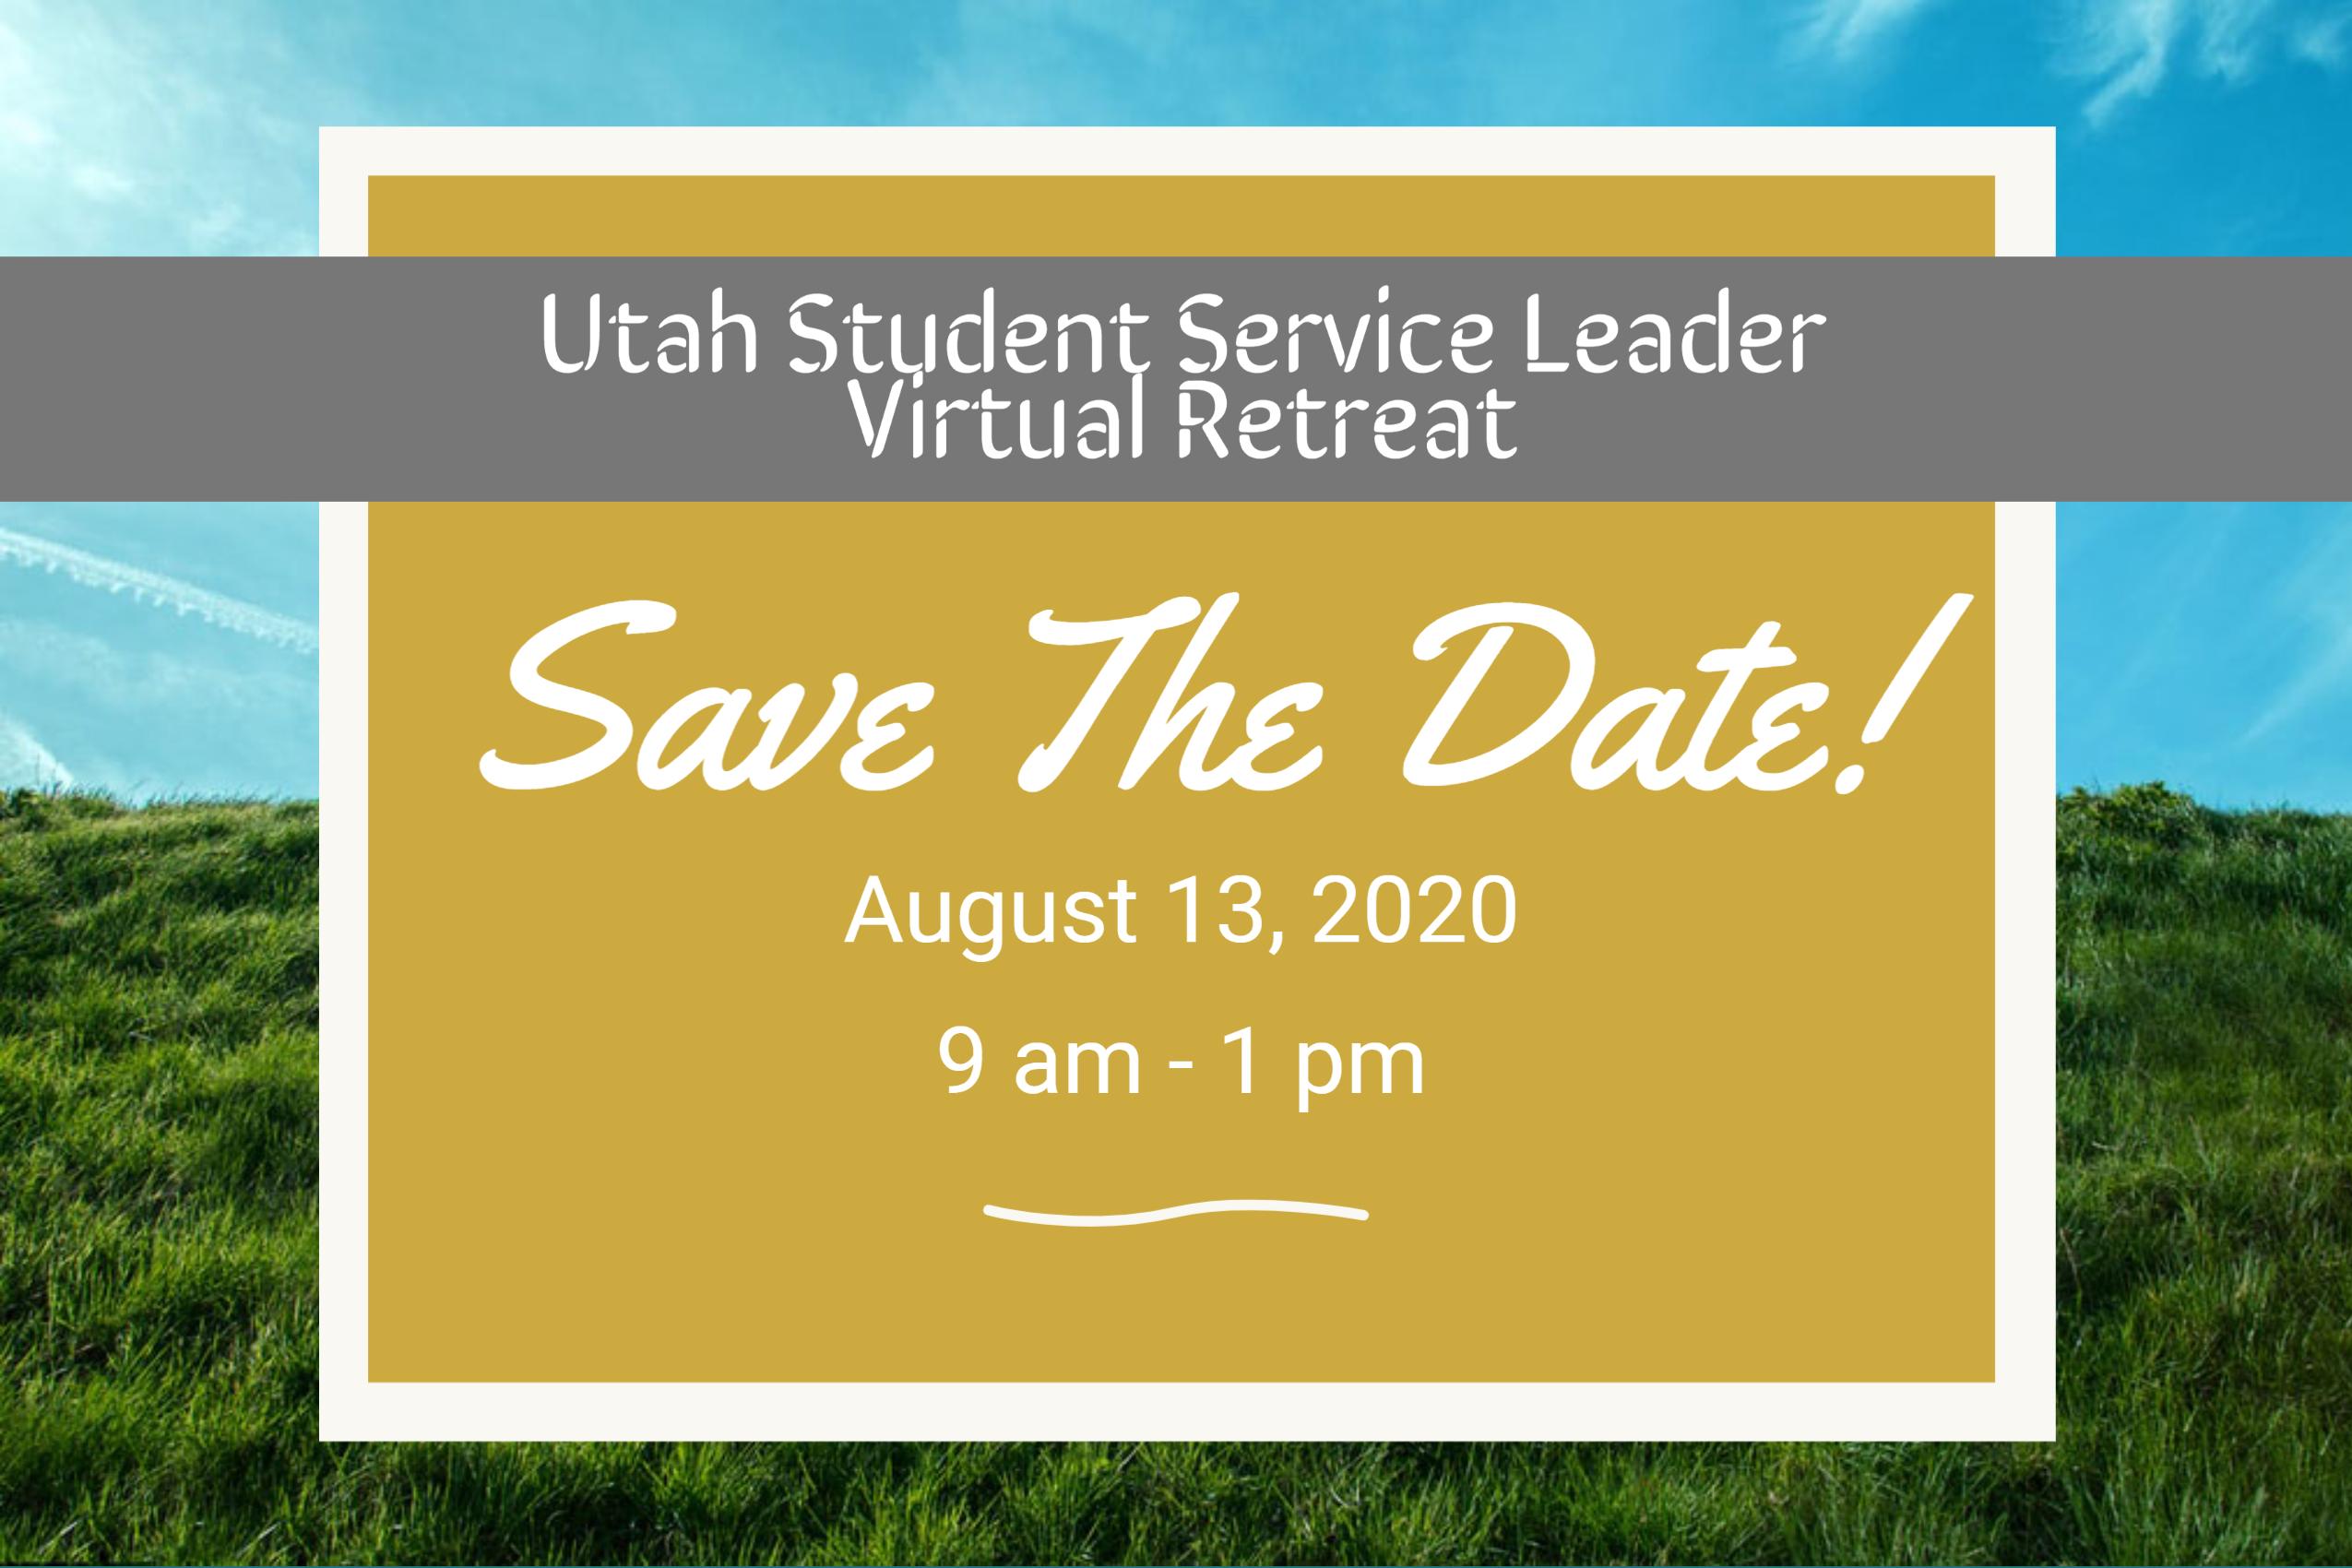 Utah Student Service Leader Virtual Retreat